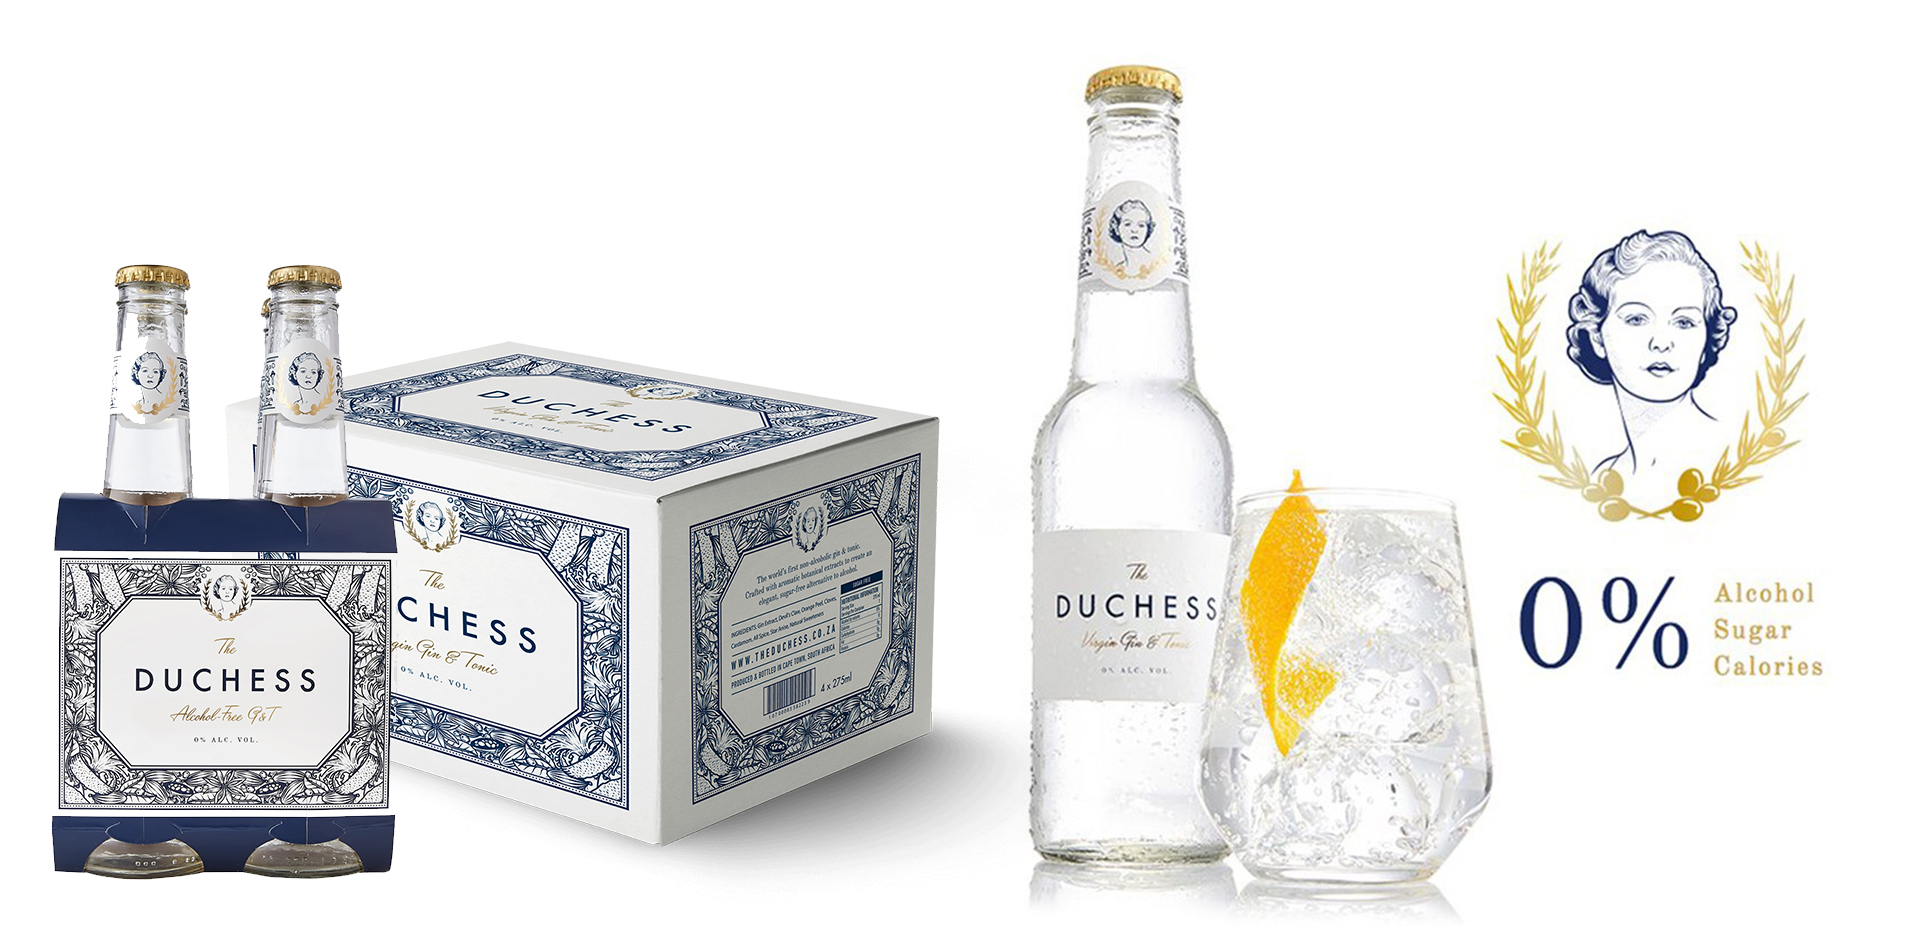 frisdrank-soda-nectar-utrecht-the-duchess-vrigin-gin-tonic-zuid-afrika-assortiment